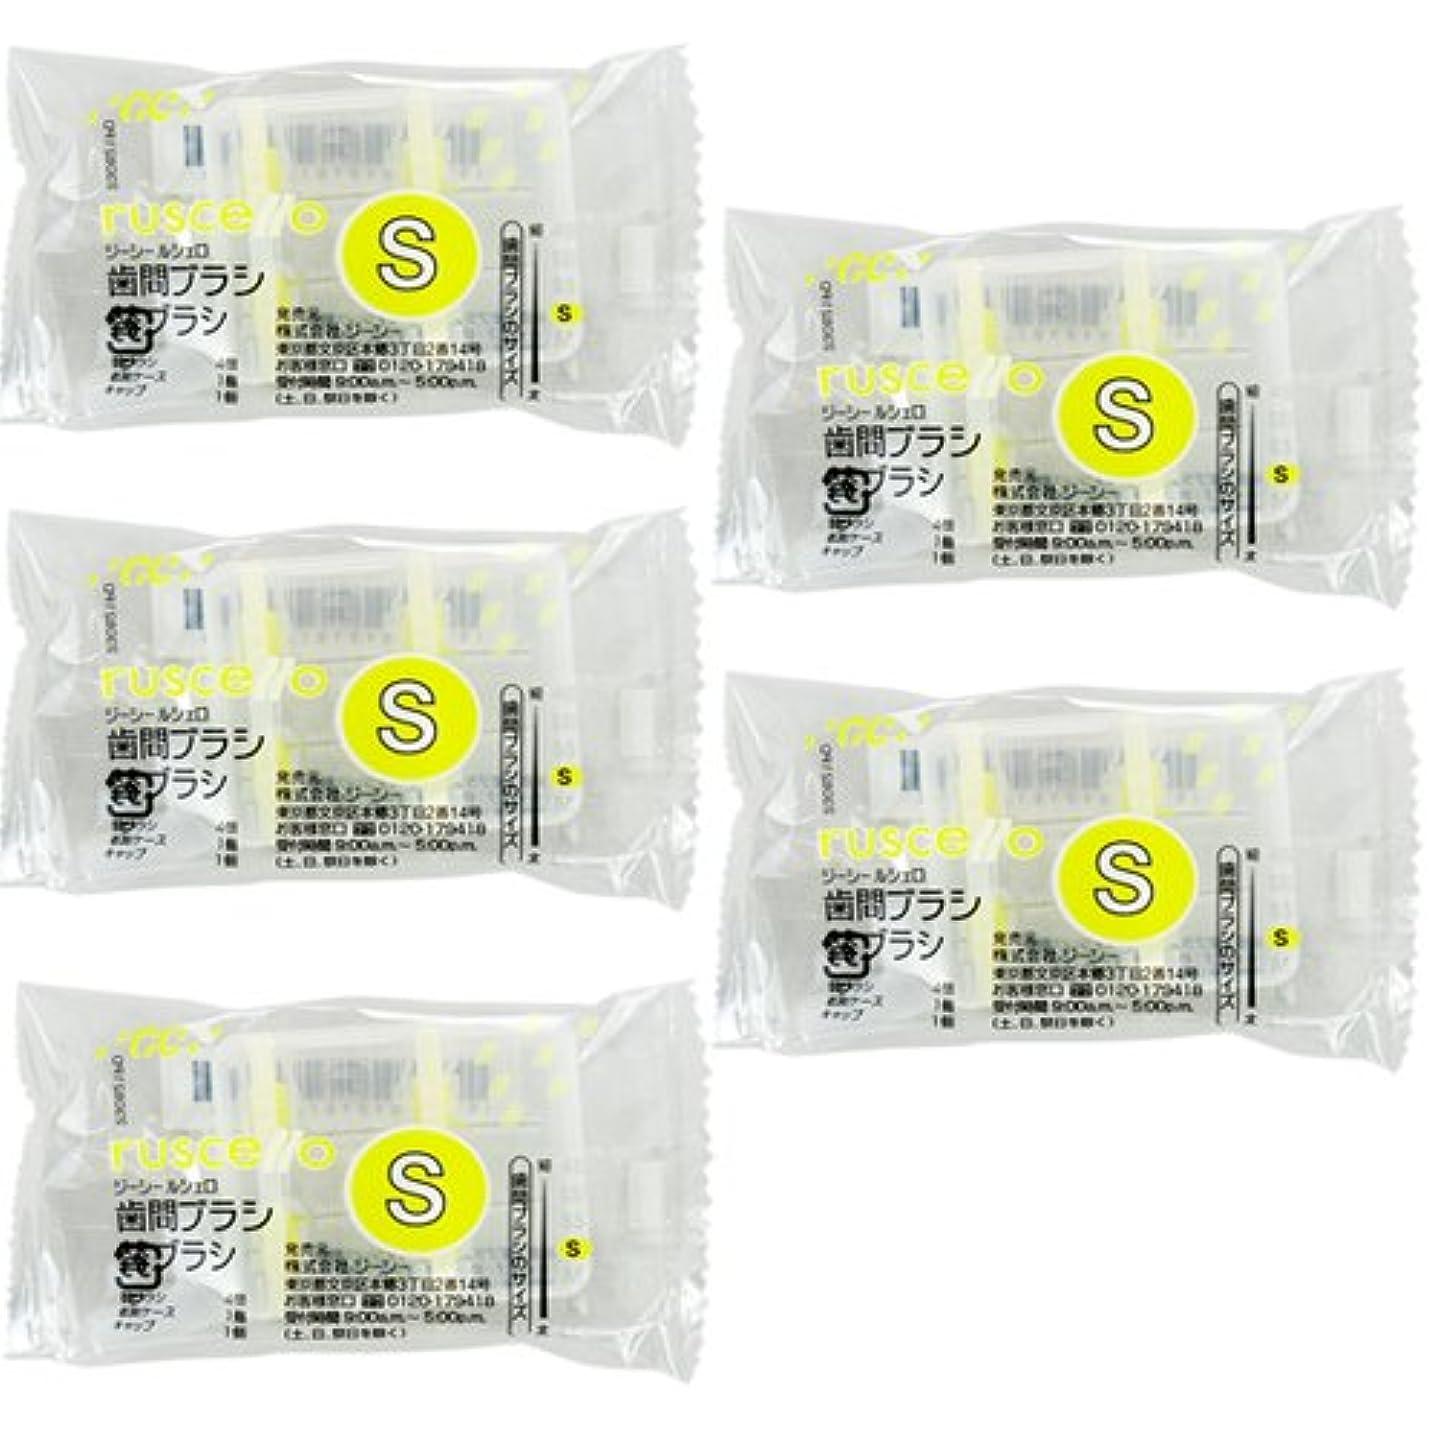 急勾配のサンダー菊GC ジーシー ルシェロ歯間ブラシ 替えブラシ(4個入) × 5個セット S